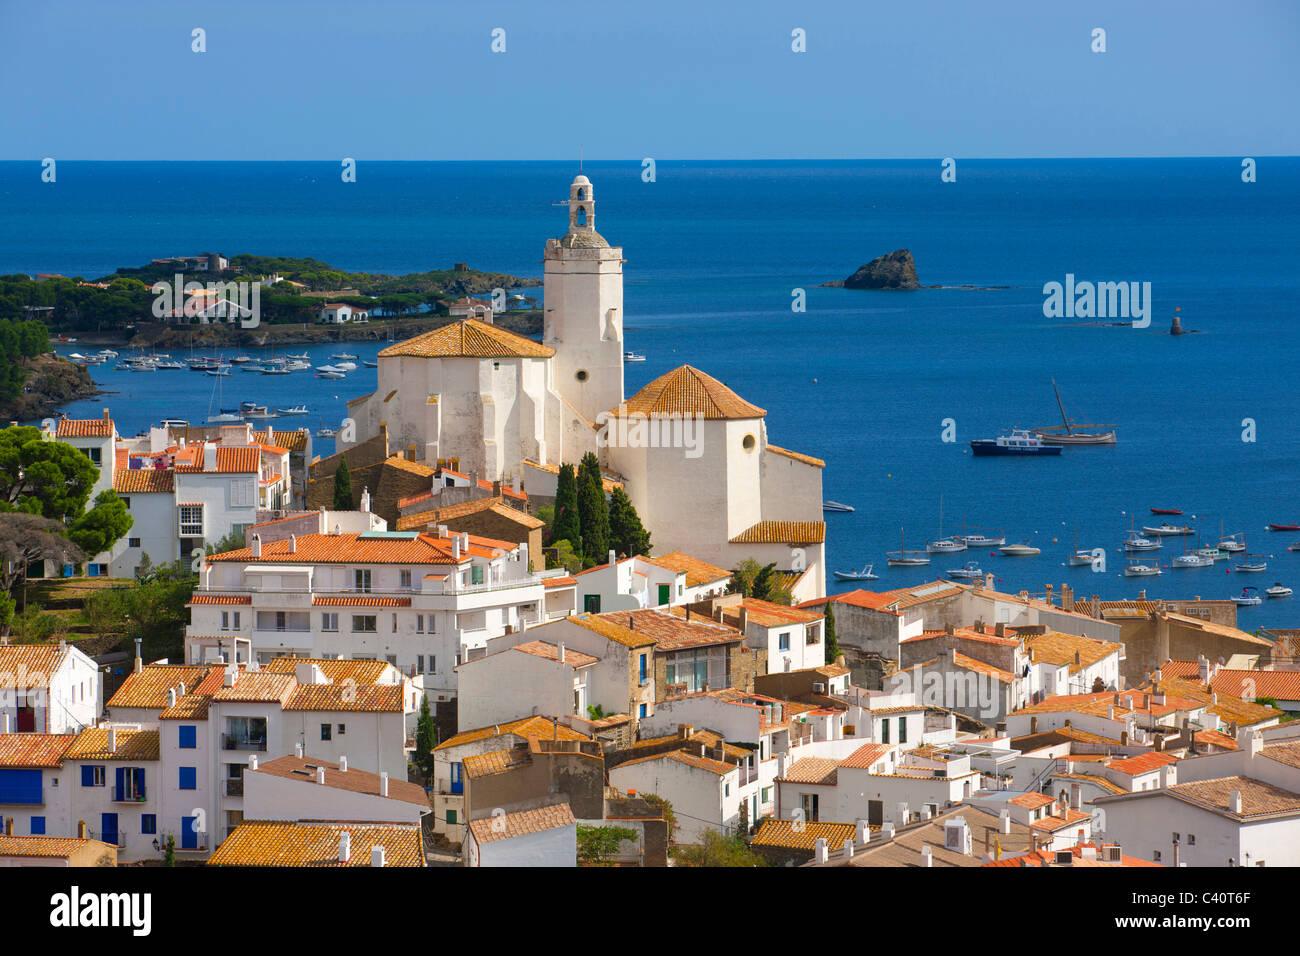 Cadaqués, Spagna, Europa, Catalonia, Costa Brava, Mare, Mare mediterraneo, costa, villaggio, case, case, chiesa, Immagini Stock